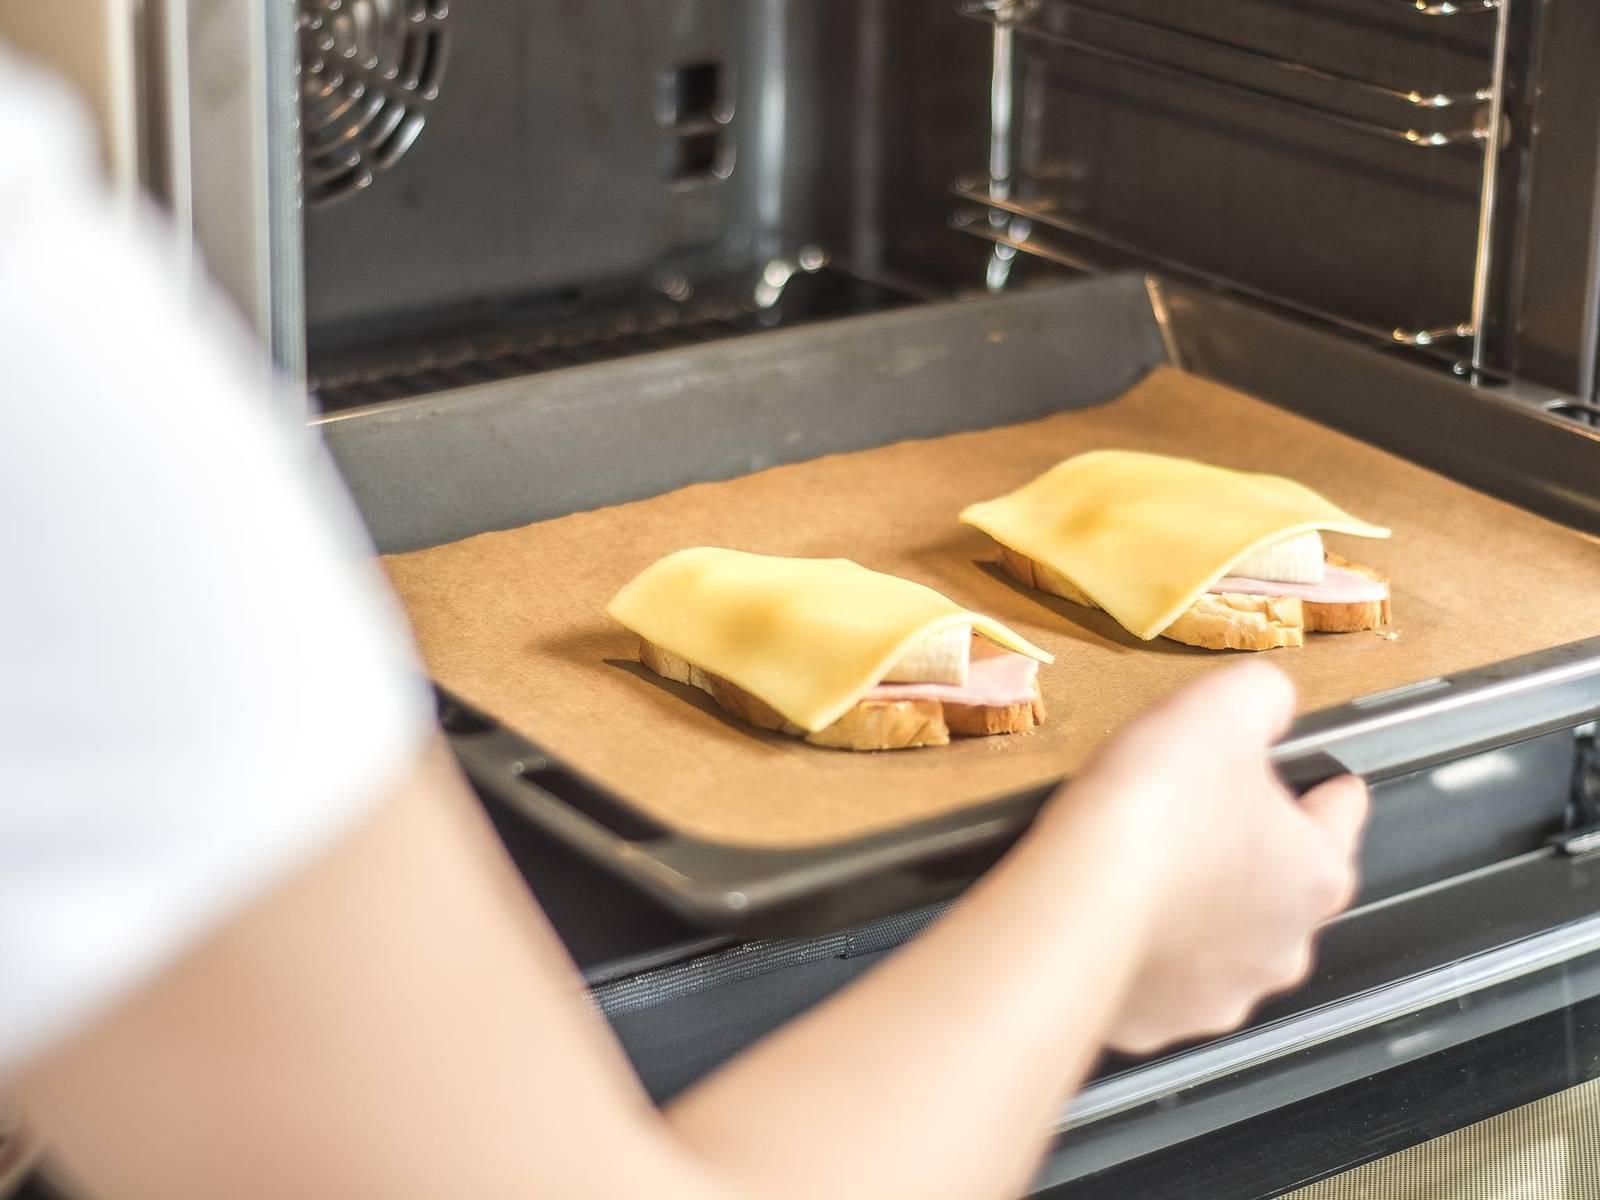 将面包放入铺有烘焙纸的烤盘中,在已预热至180摄氏度的烤炉内烤5-8分钟至金黄色。趁热享用。